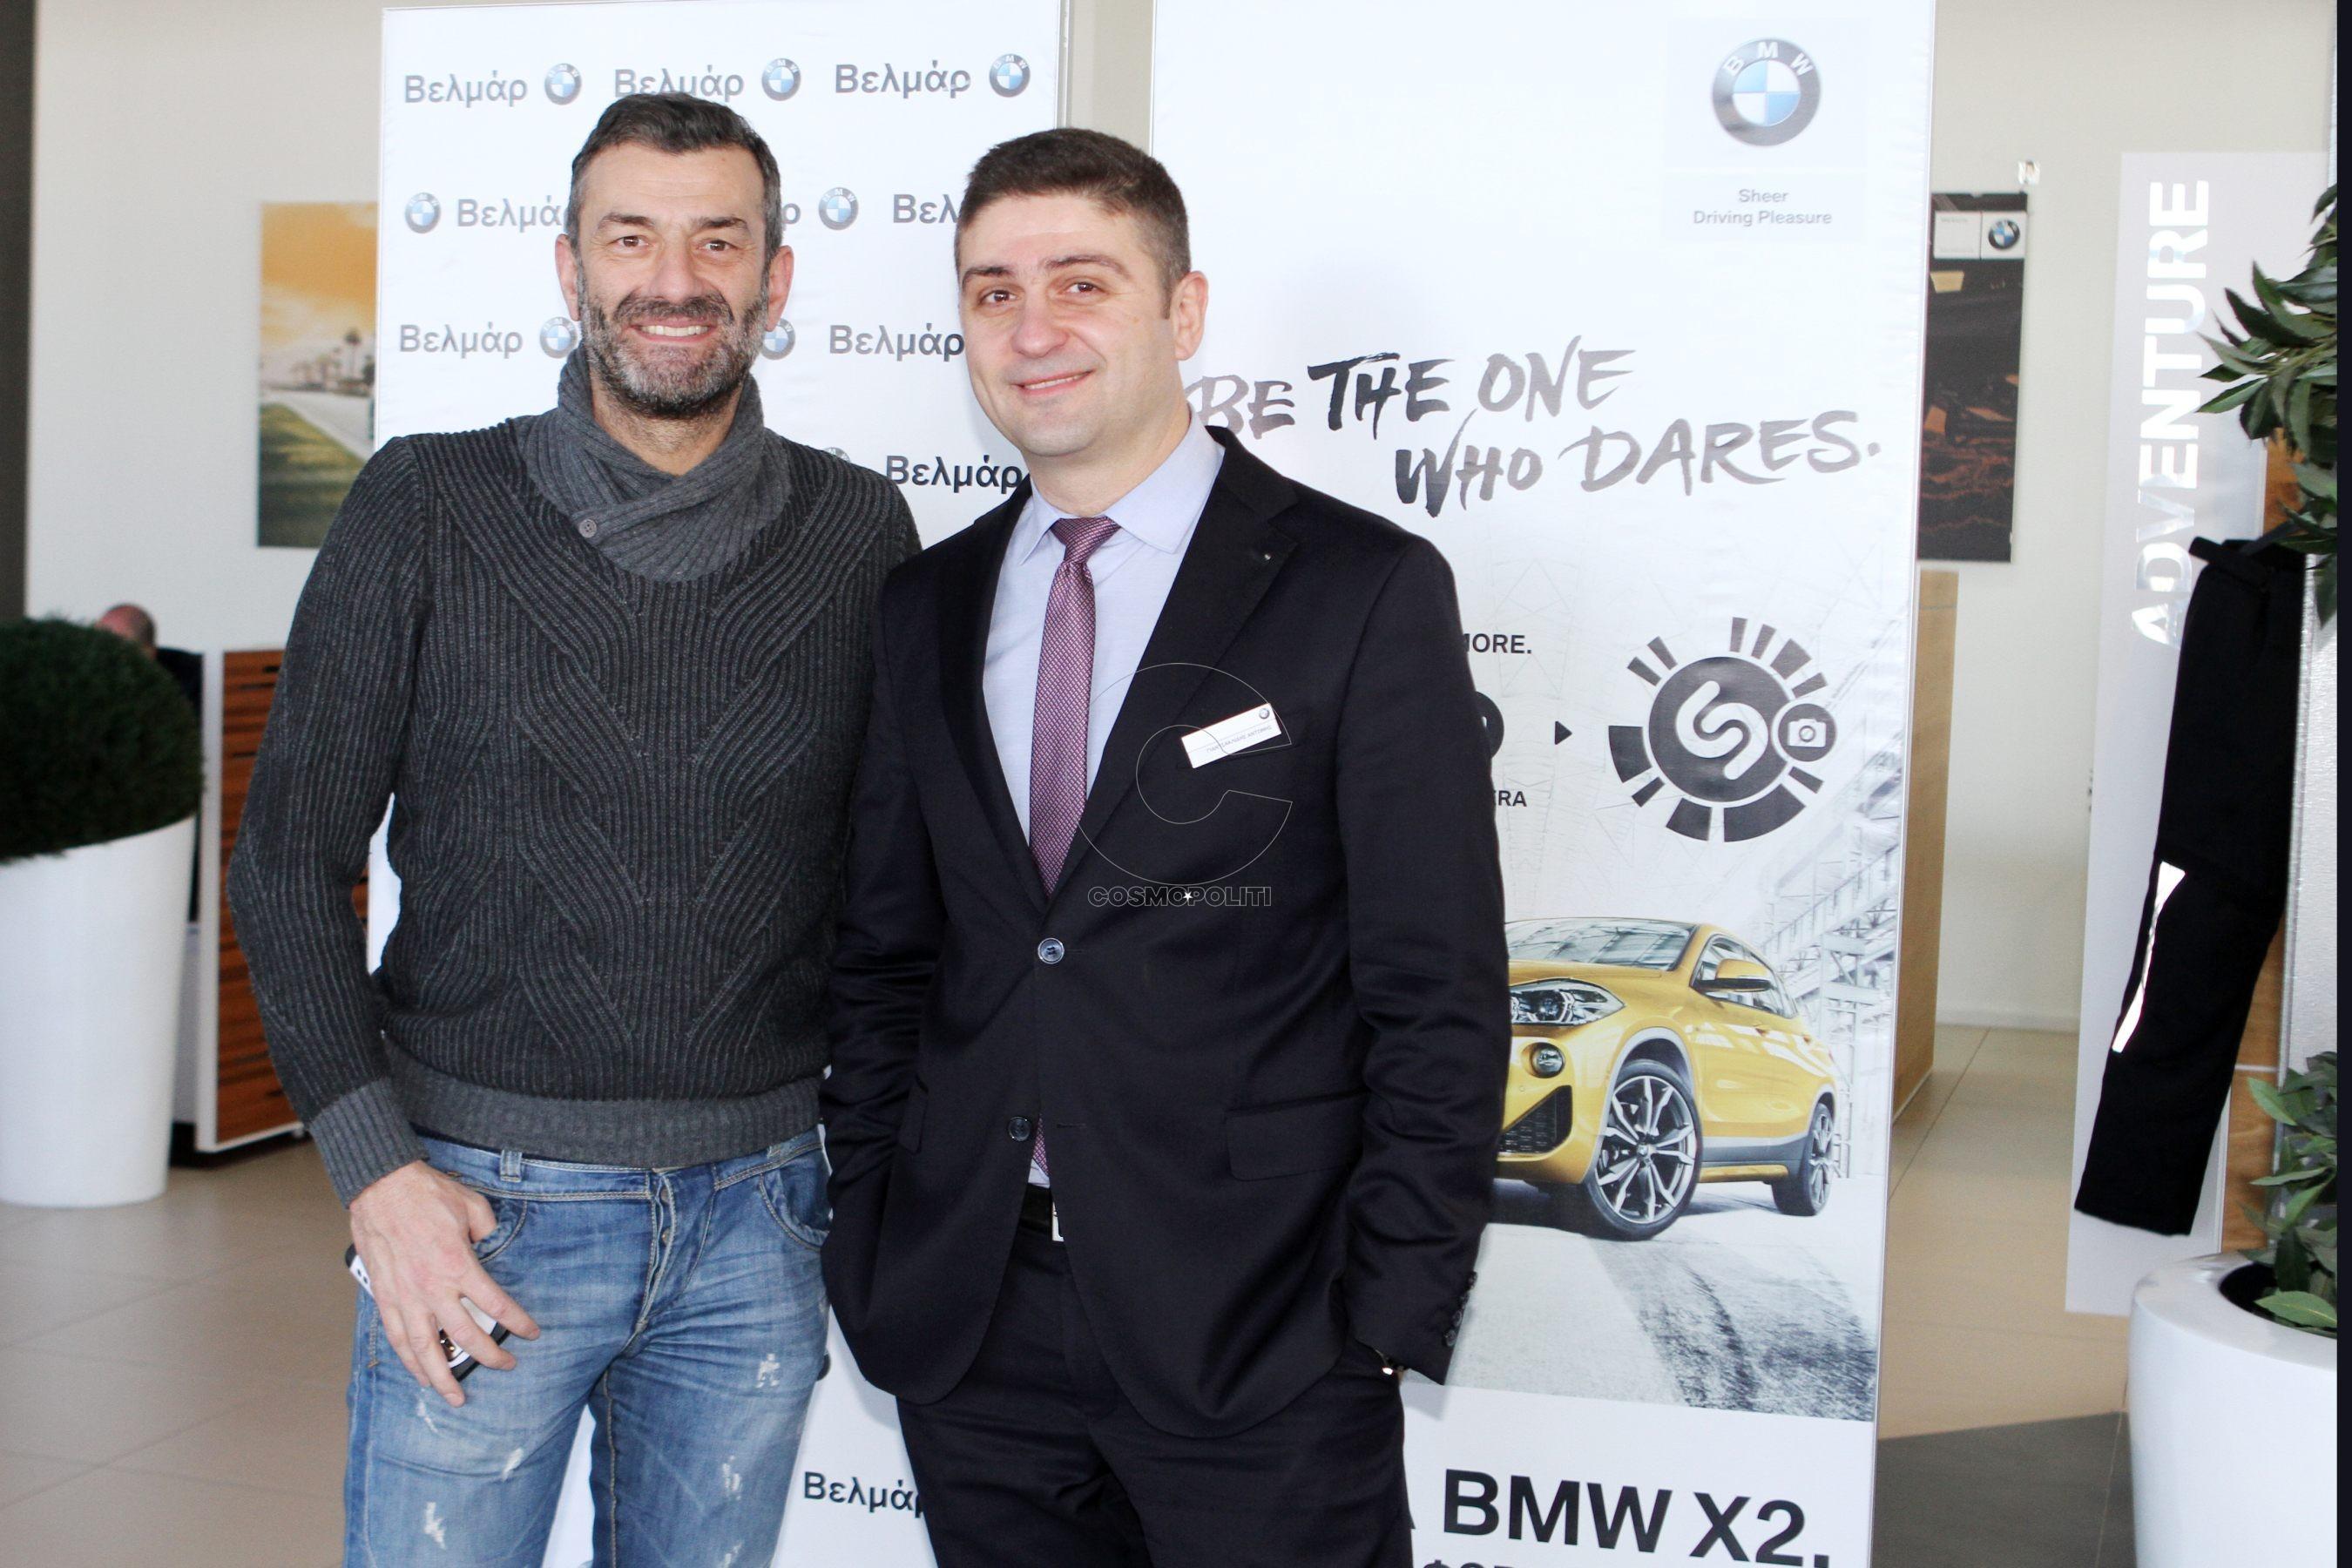 72 Ο Γιάννης Βασιλειάδης με τον Αντώνη Γιαντσακλίδη της BMW Βελμάρ